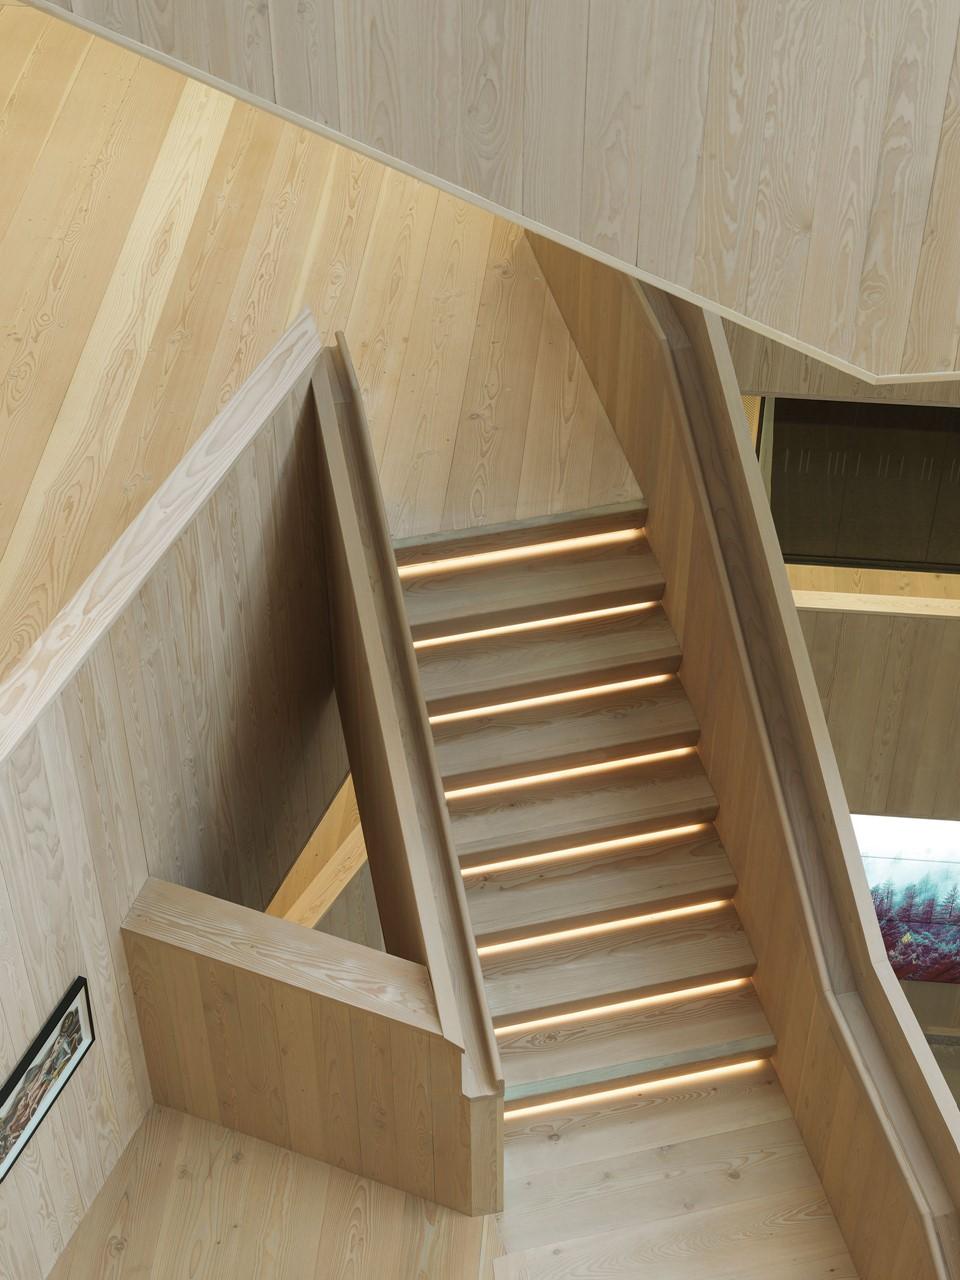 solid-douglas-flooring_green-oil_centiro-office-sweden_staircase_dinesen.jpg